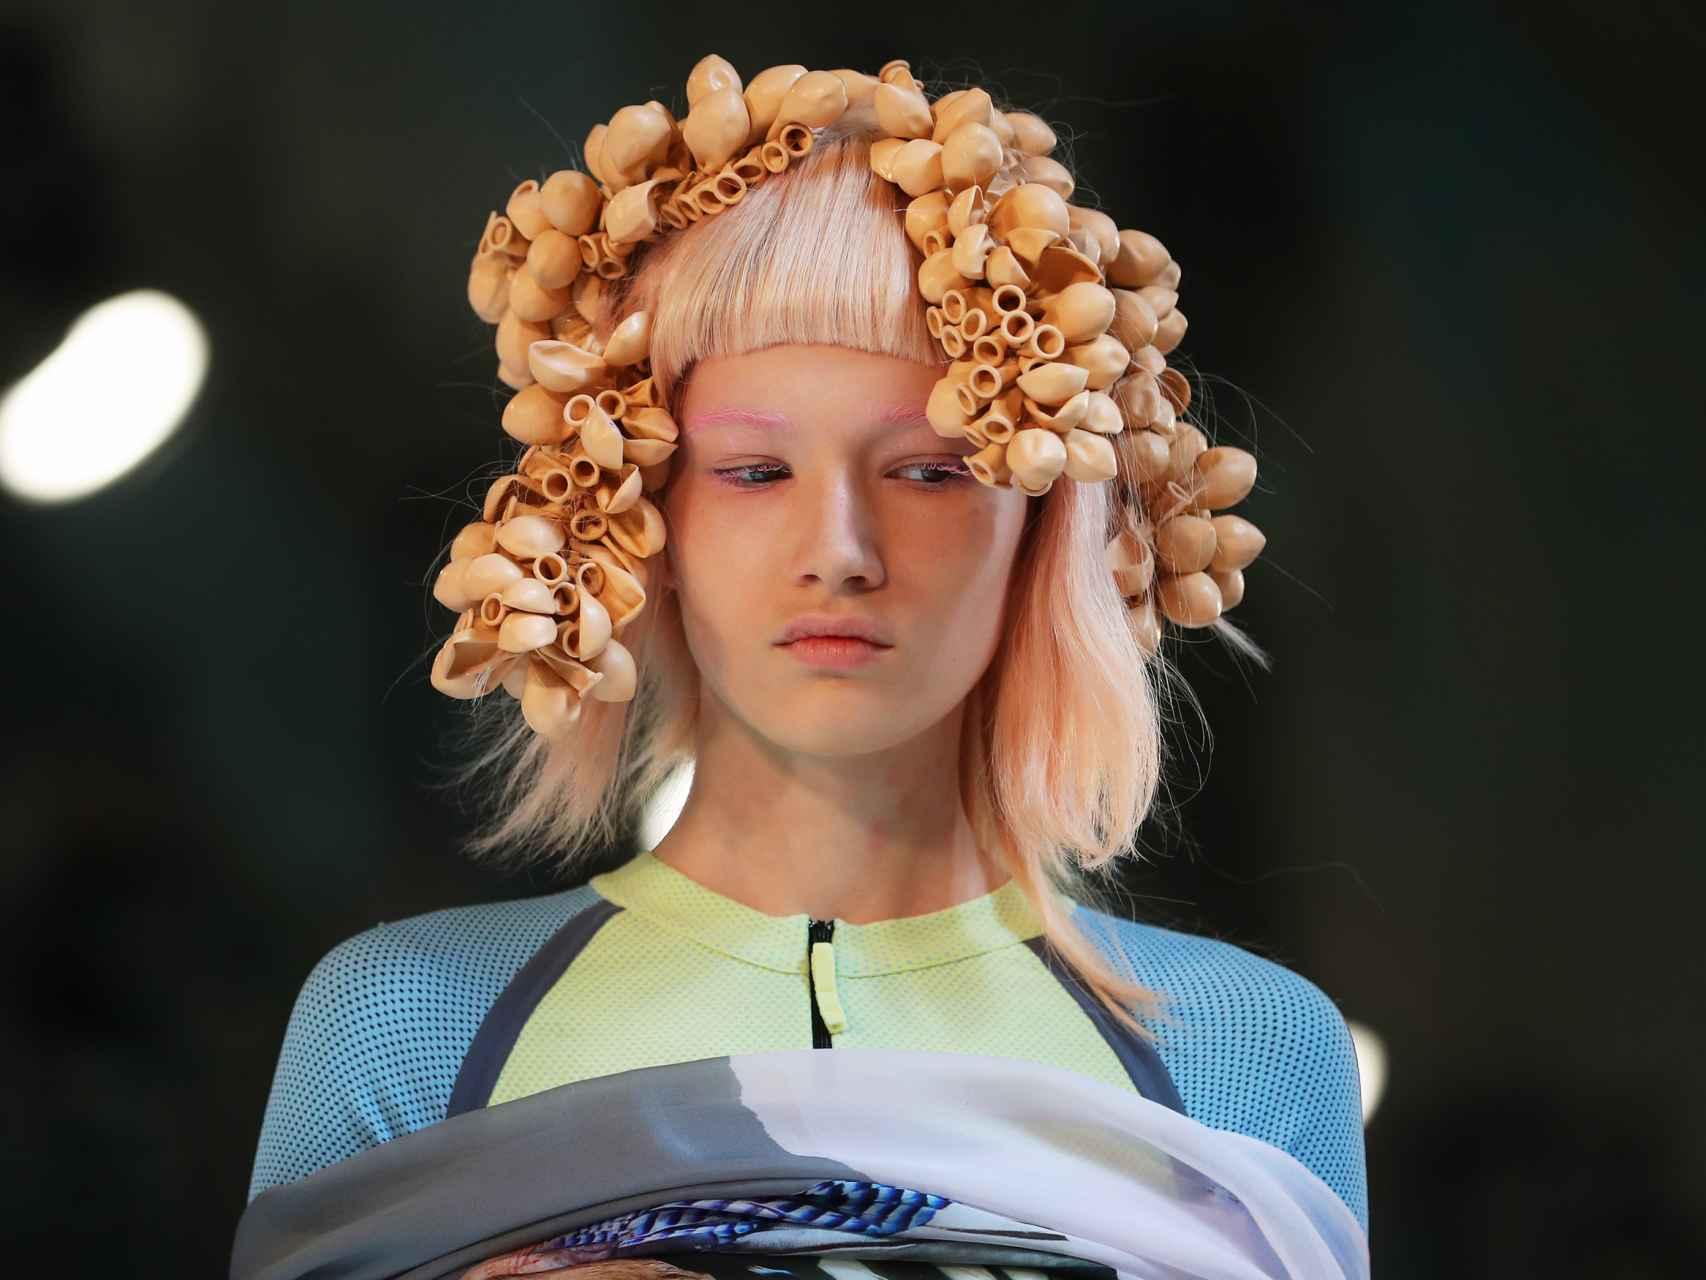 Modelo luciendo un tocado hecho con conchas a modo de tirabuzones.